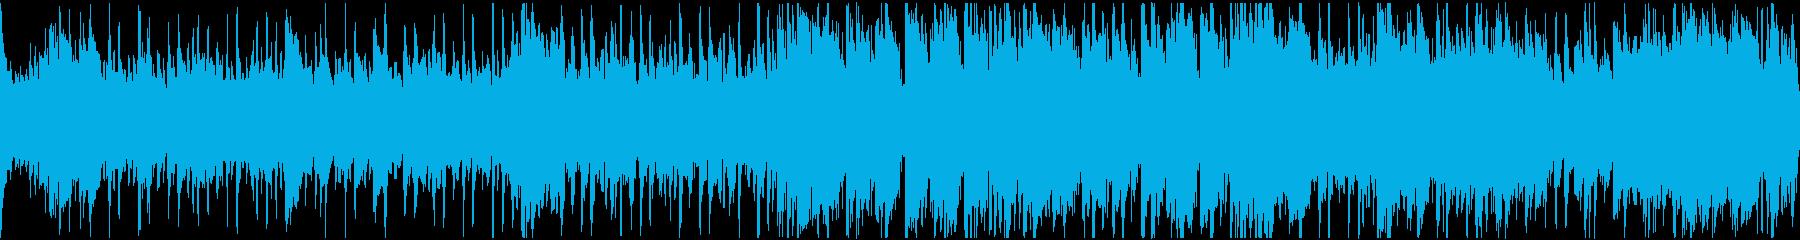 ロマの切ないワルツ・ループの再生済みの波形